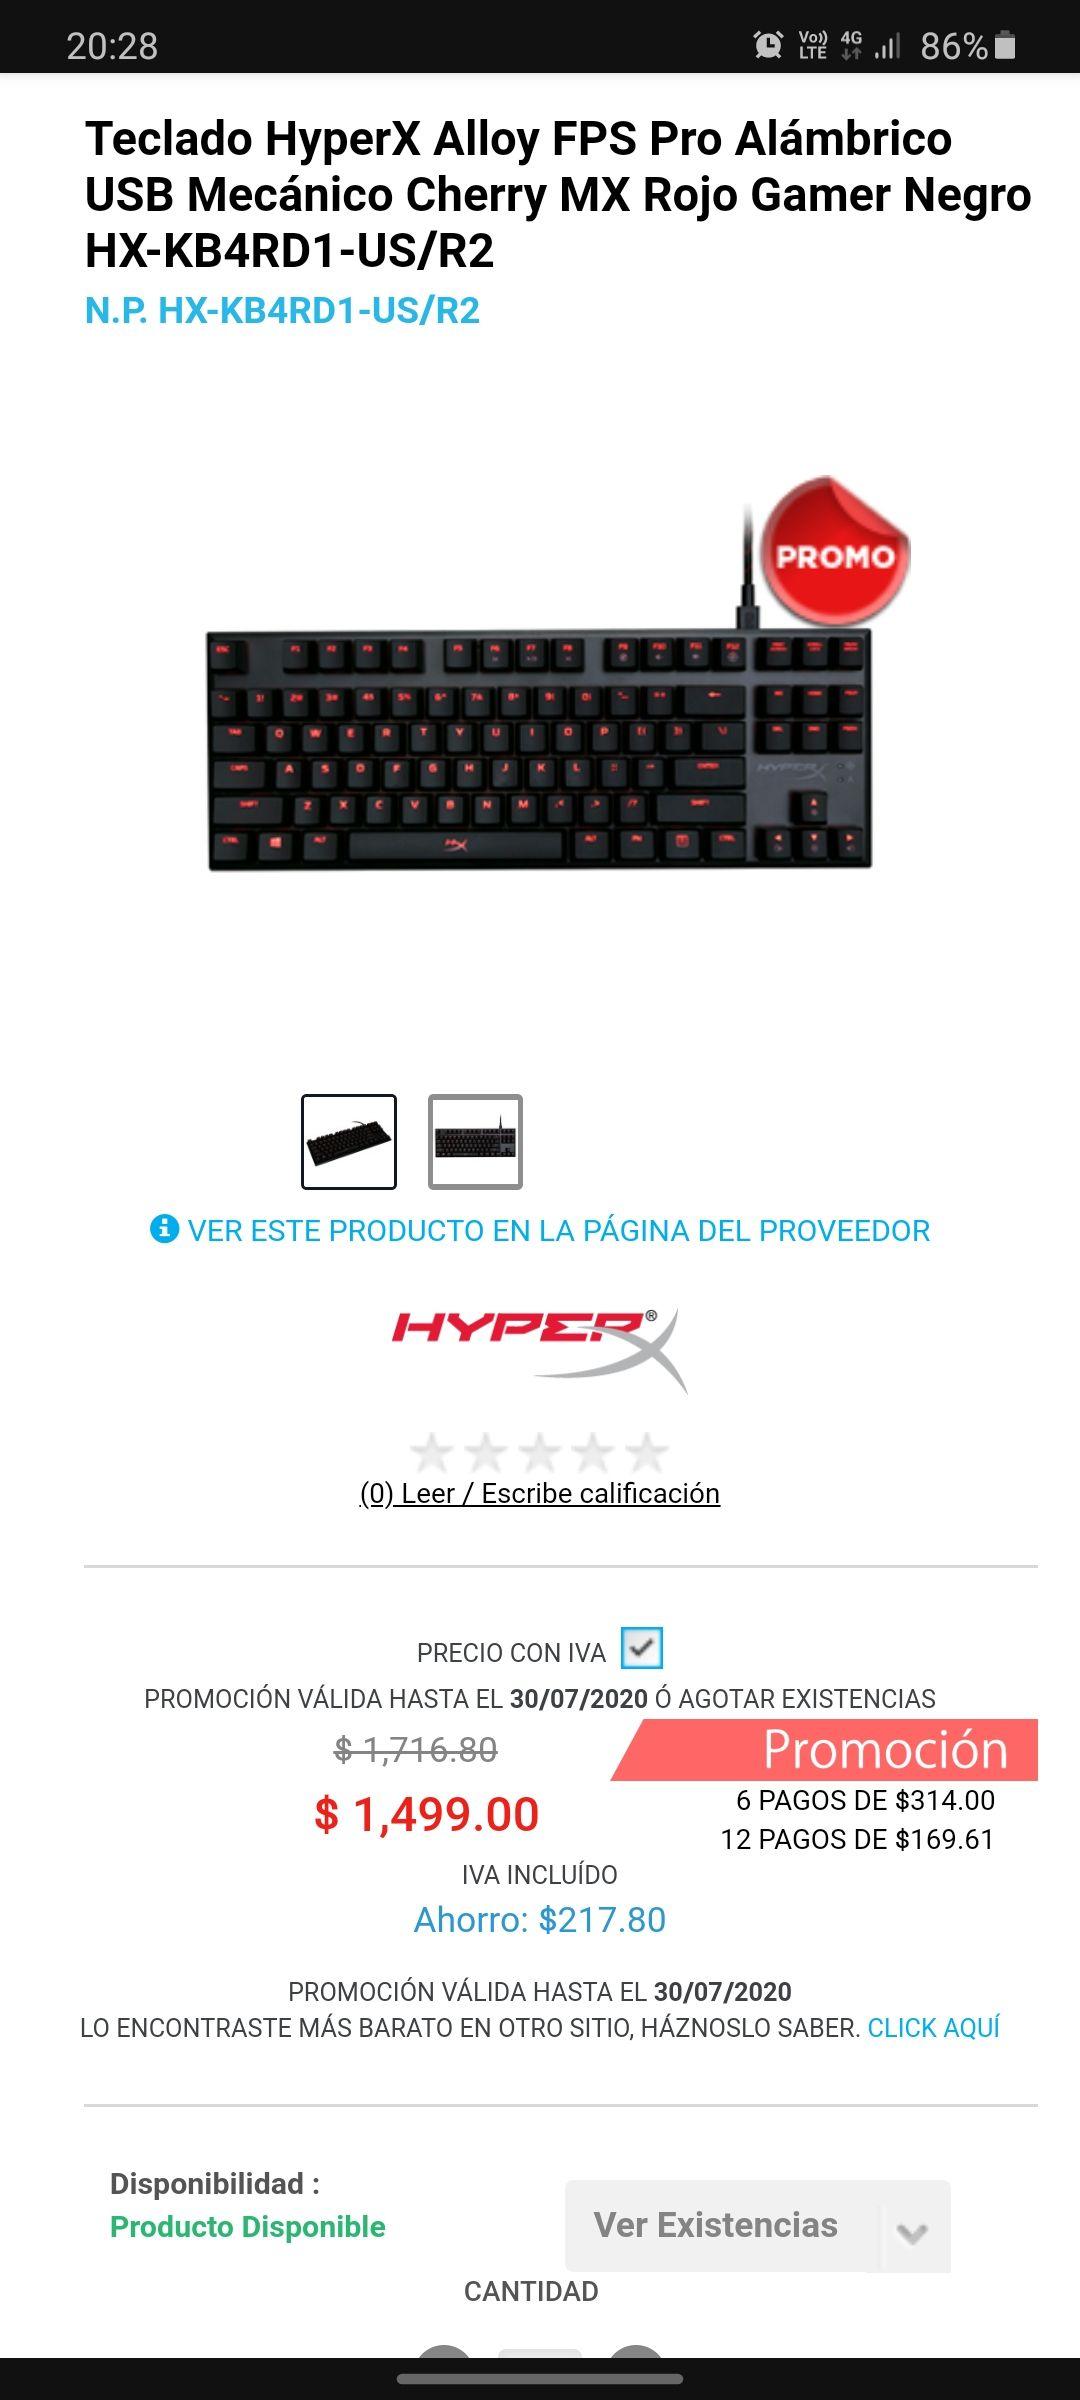 Digitalife: Teclado HyperX FPS Pro